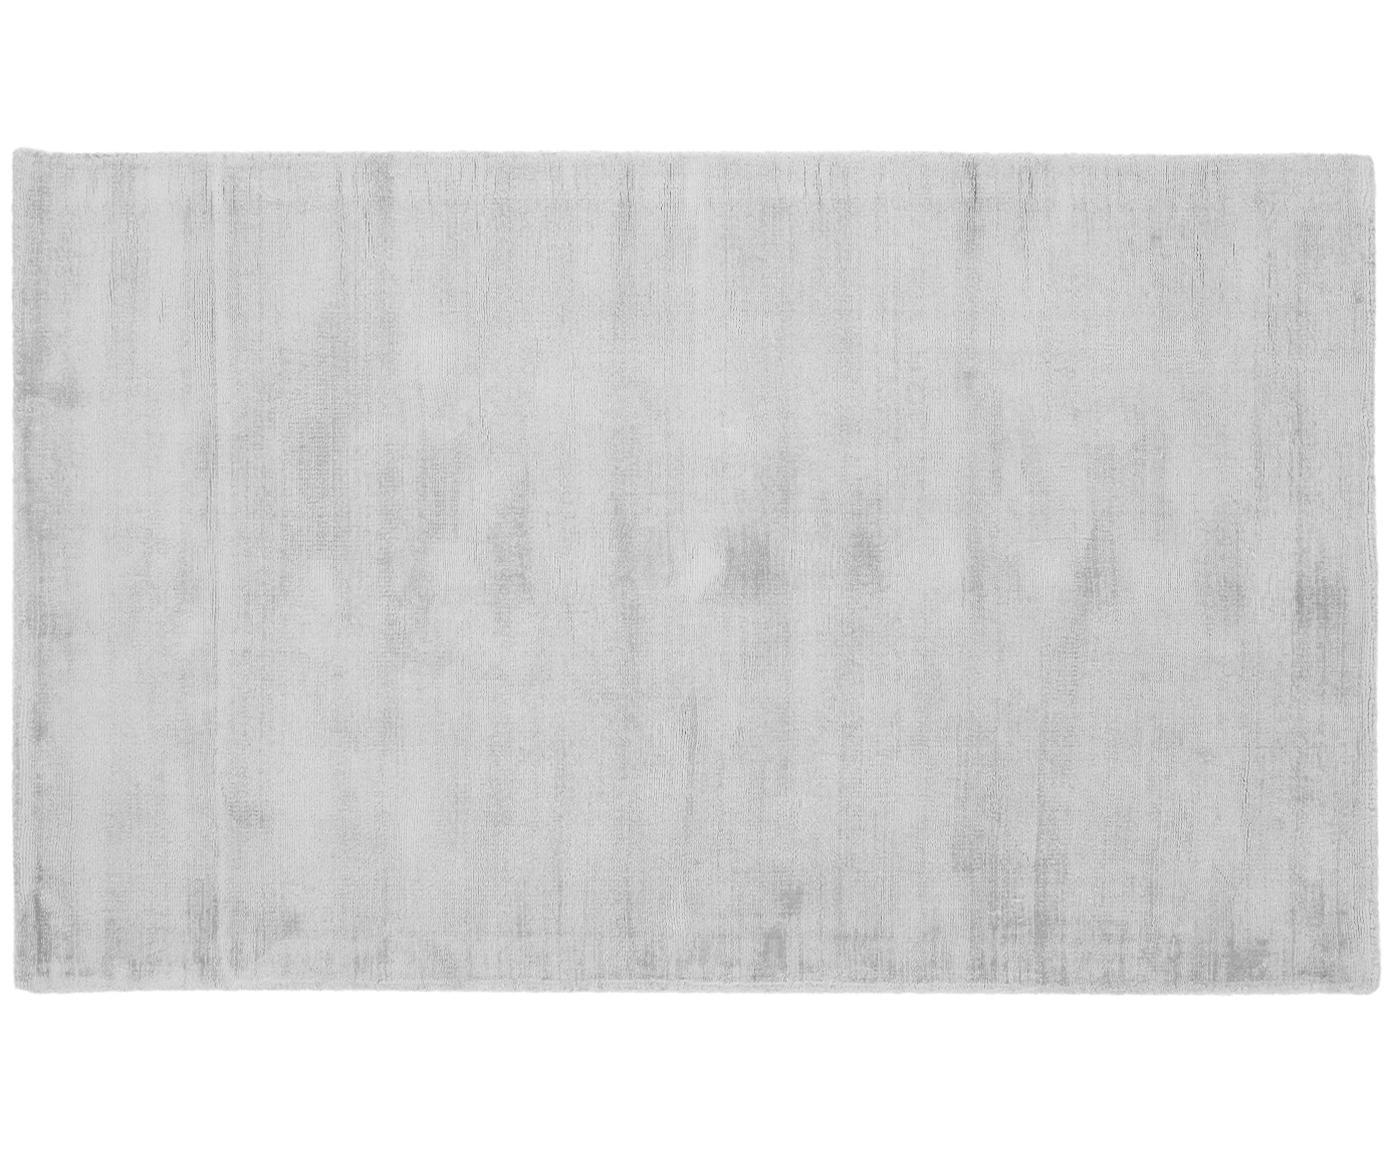 Ručně tkaný viskózový koberec Jane, Odstíny stříbrné